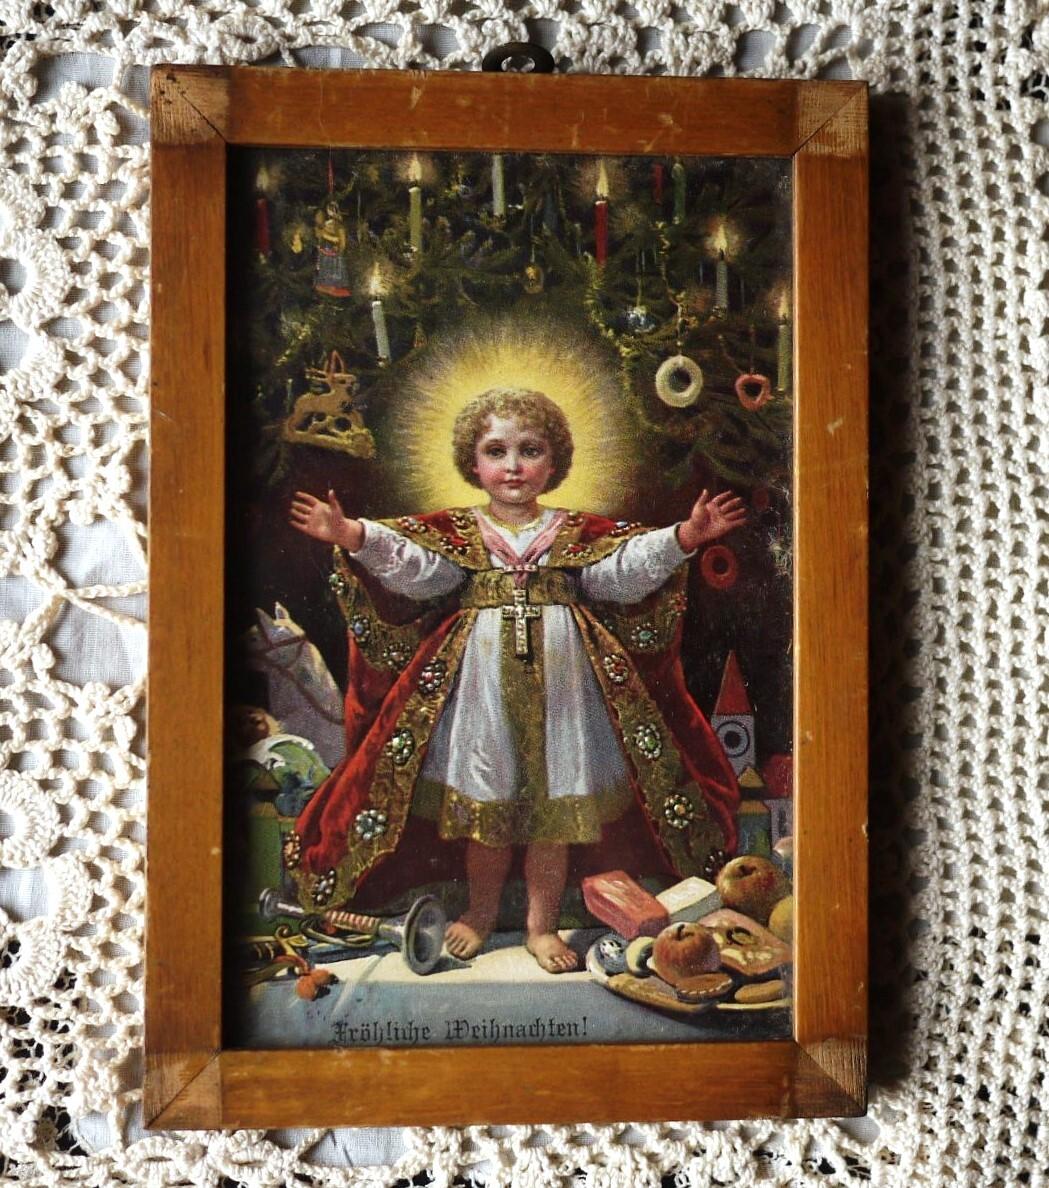 宗教画 御子生誕祝祭 壁掛け額絵 オーナメント 幼子イエス